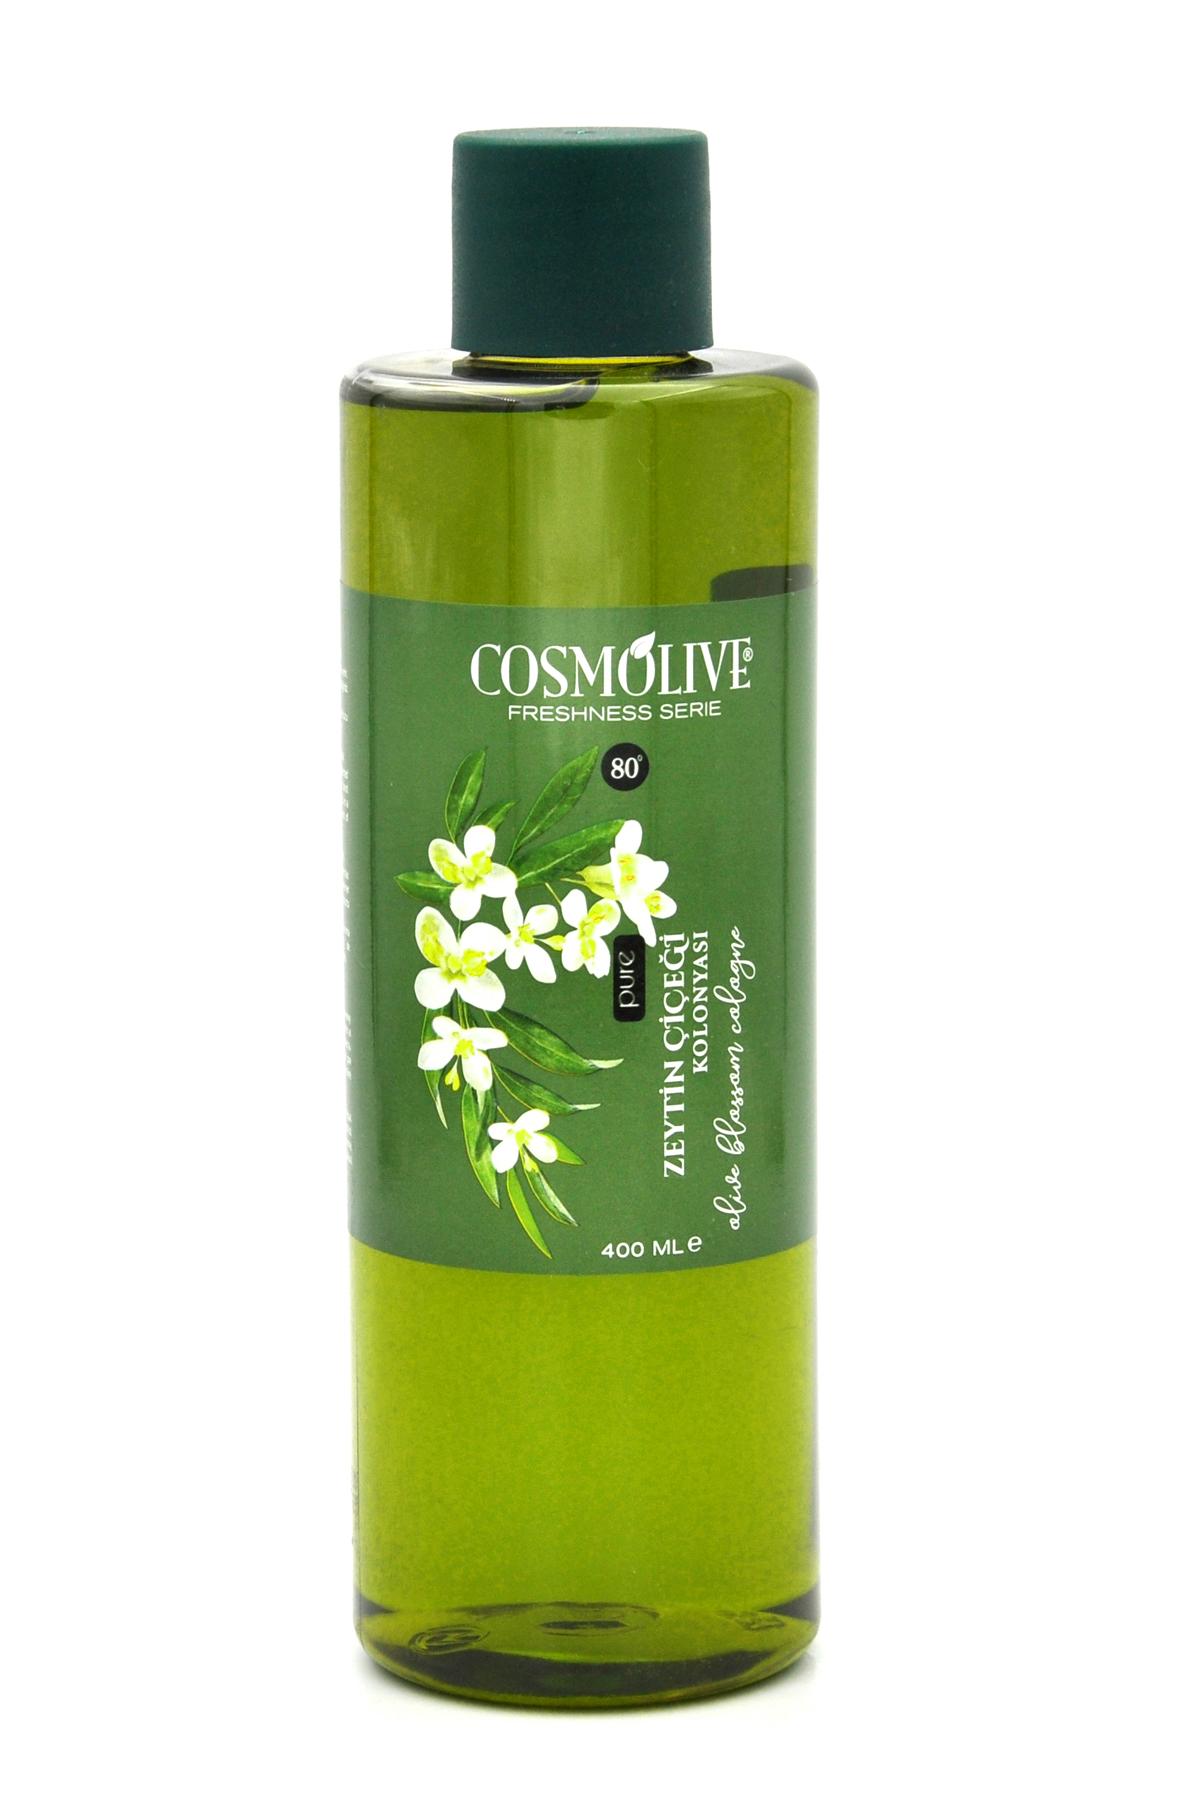 Cosmolive Zeytin Çiçeği Kolonyası 80° 400 ML (Plastik Şişe)